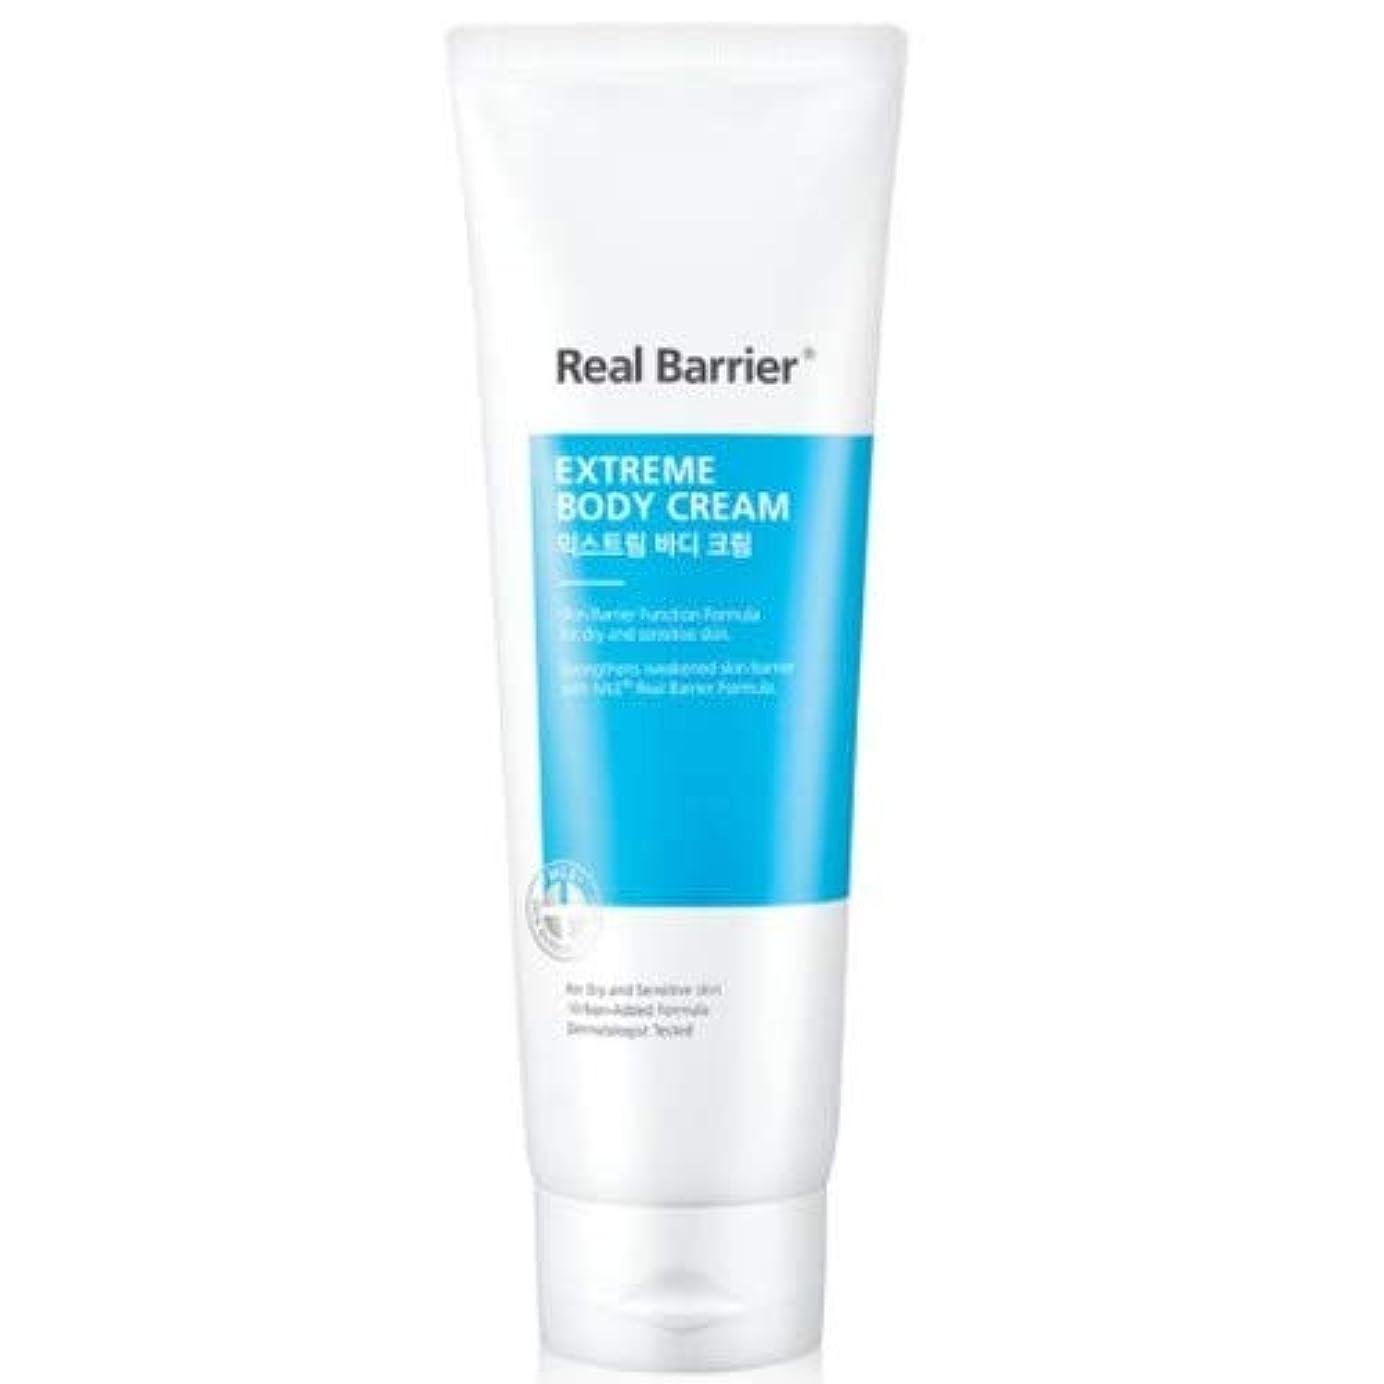 側面リボン読みやすいATOPALM Real Barrier?エクストリームボディークリーム250g / ATOPALM Real Barrier Extreme Body Cream [並行輸入品]